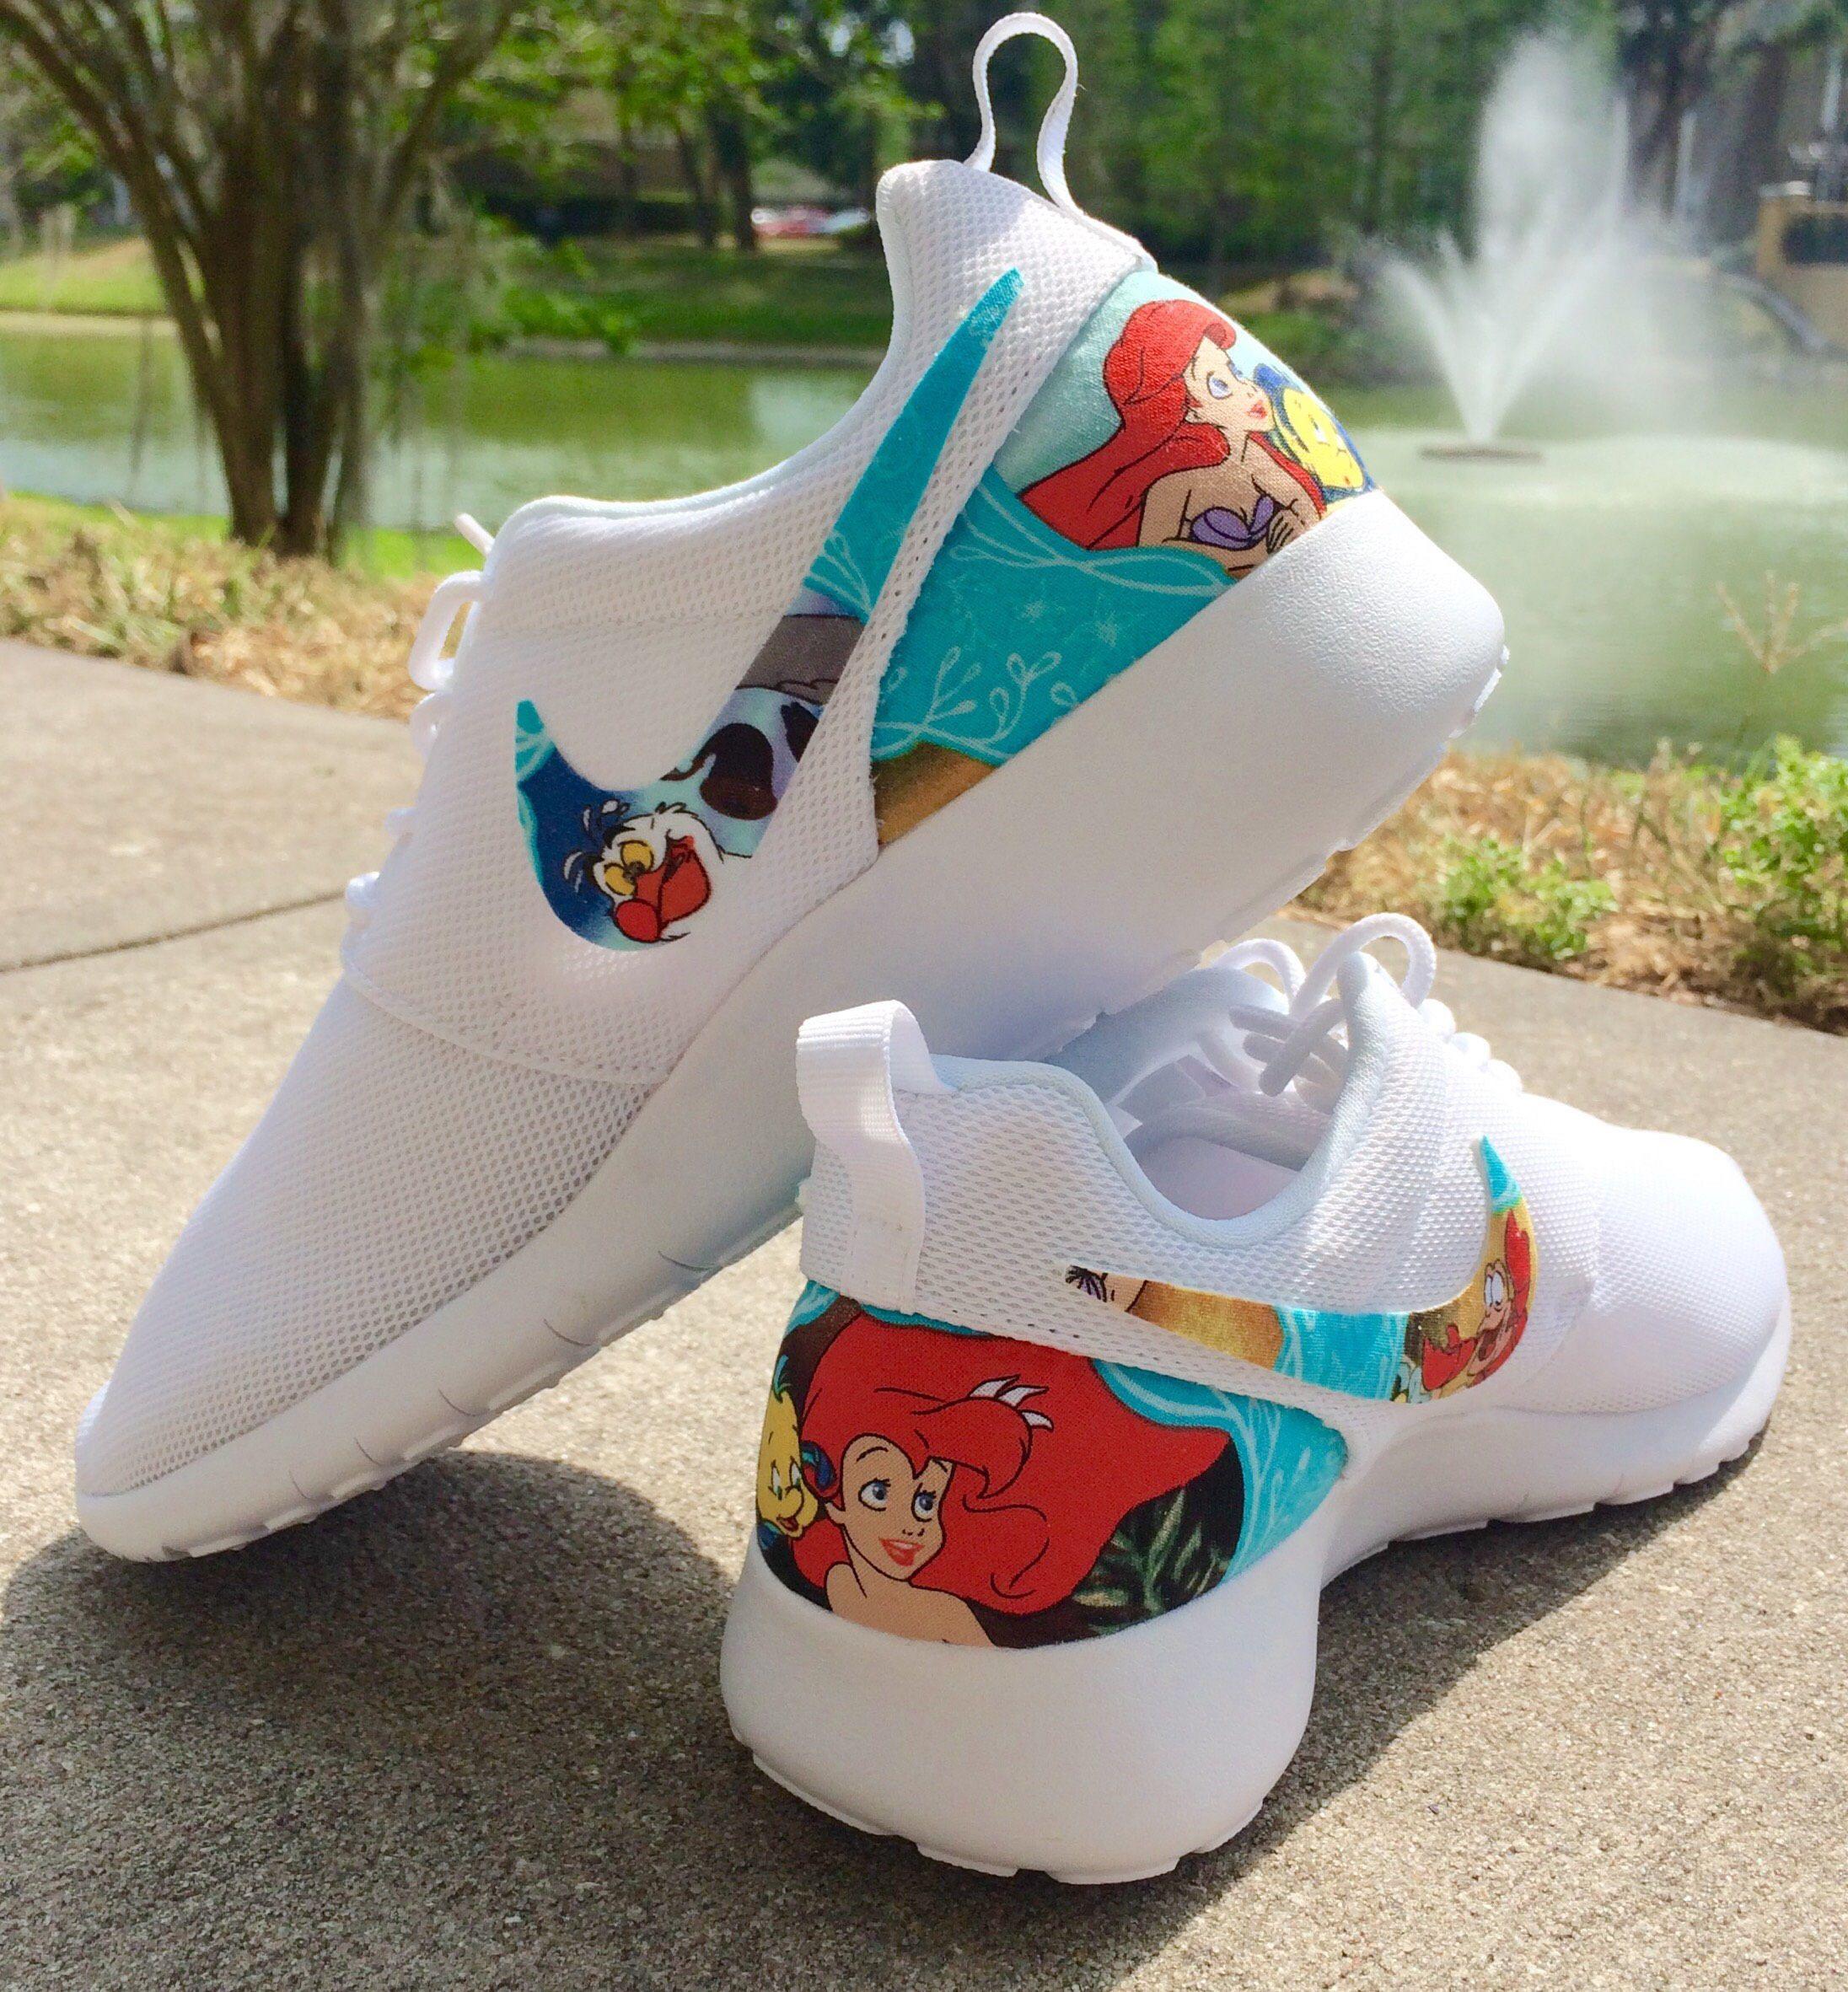 15c1dd8a44859 LIMITED The Little Mermaid Custom Nike Roshe by GrabbKicks on Etsy  https   www